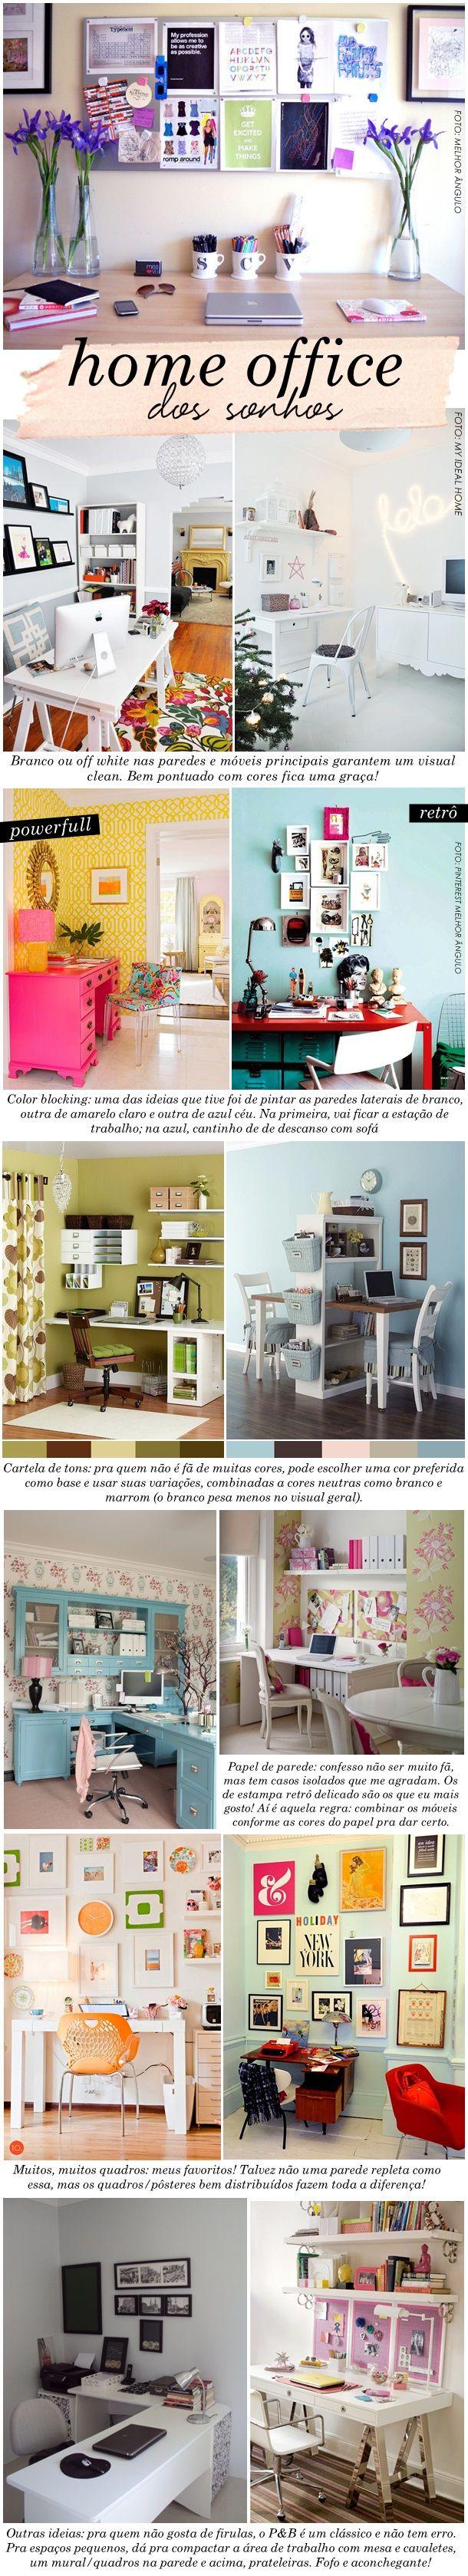 botica-urbana-decoração-home-office-dicas-inspirações_1